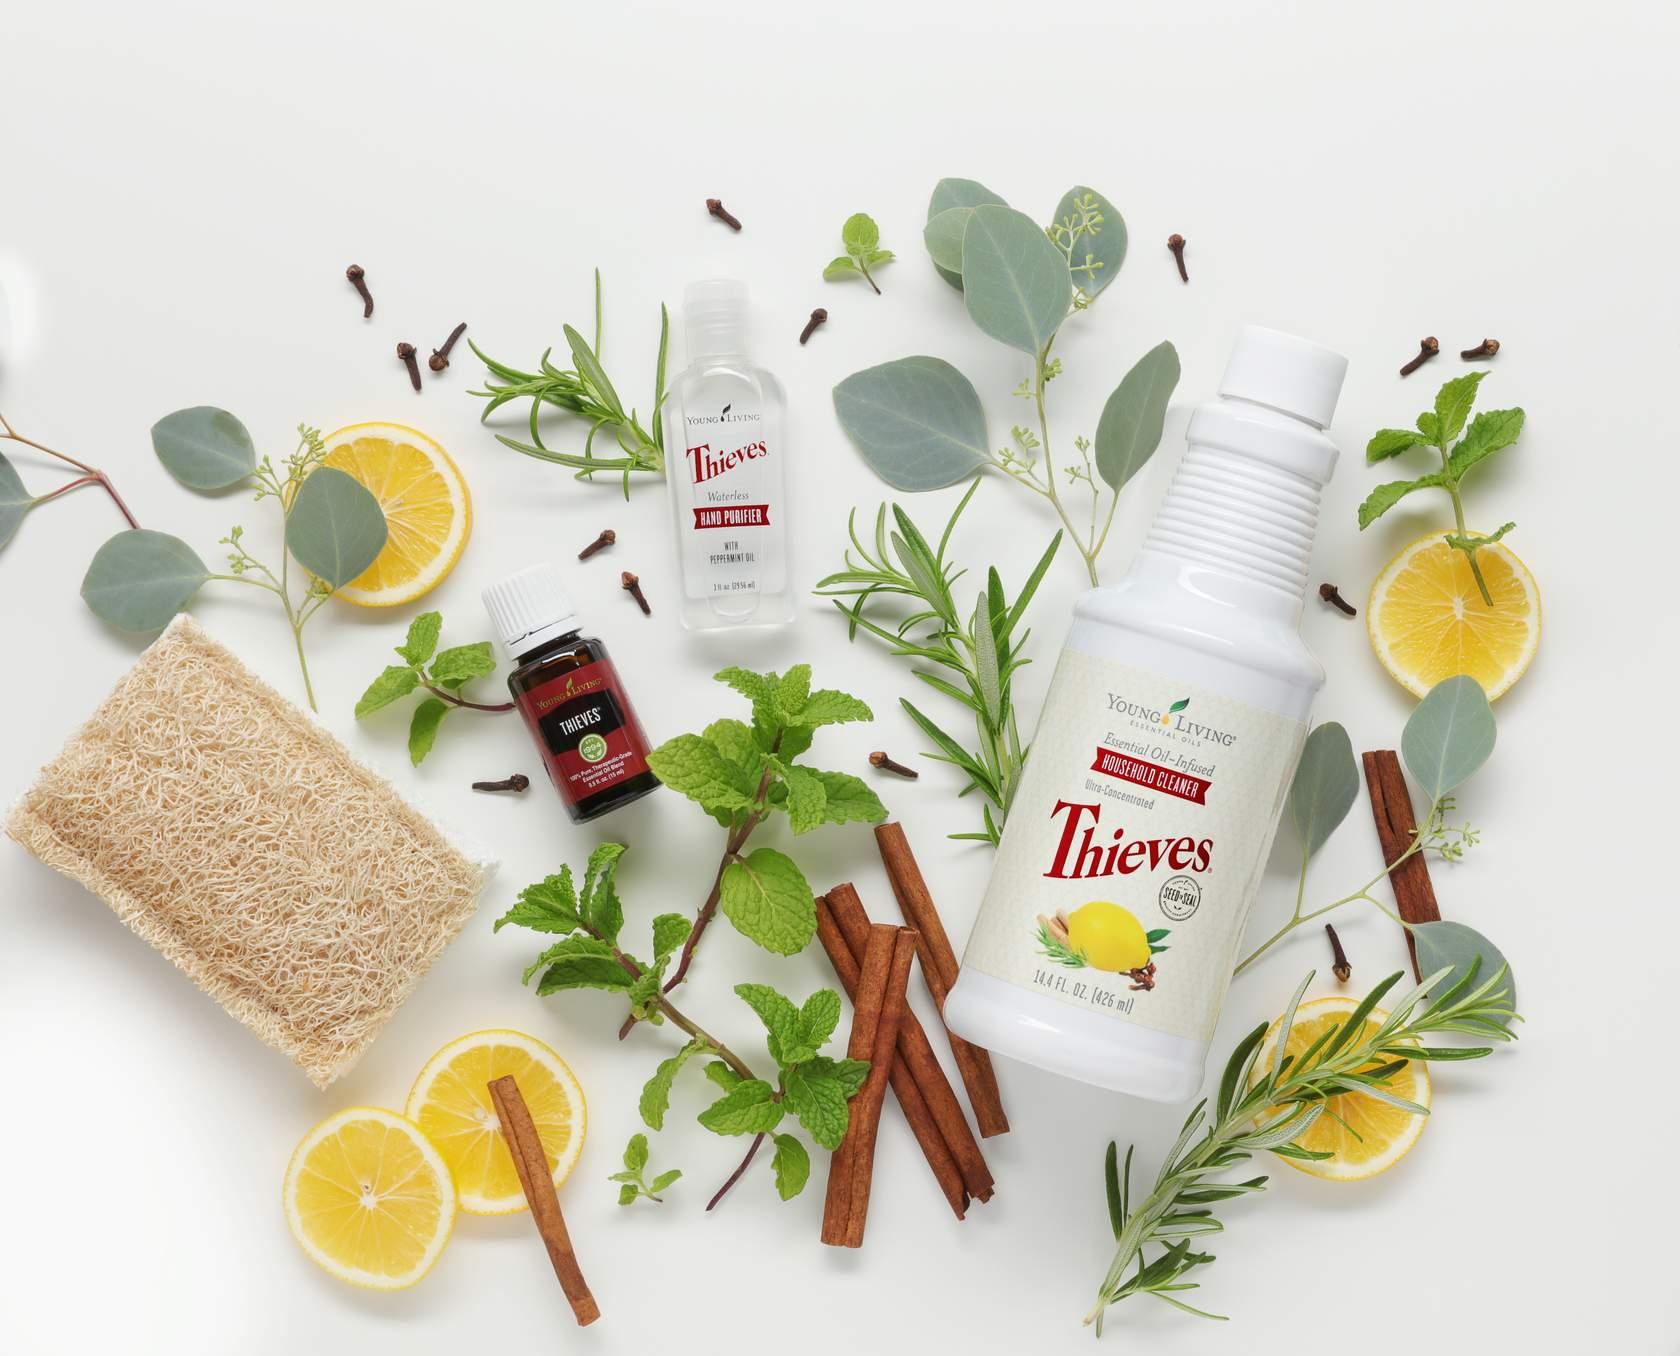 Productos Thieves con limón y canela